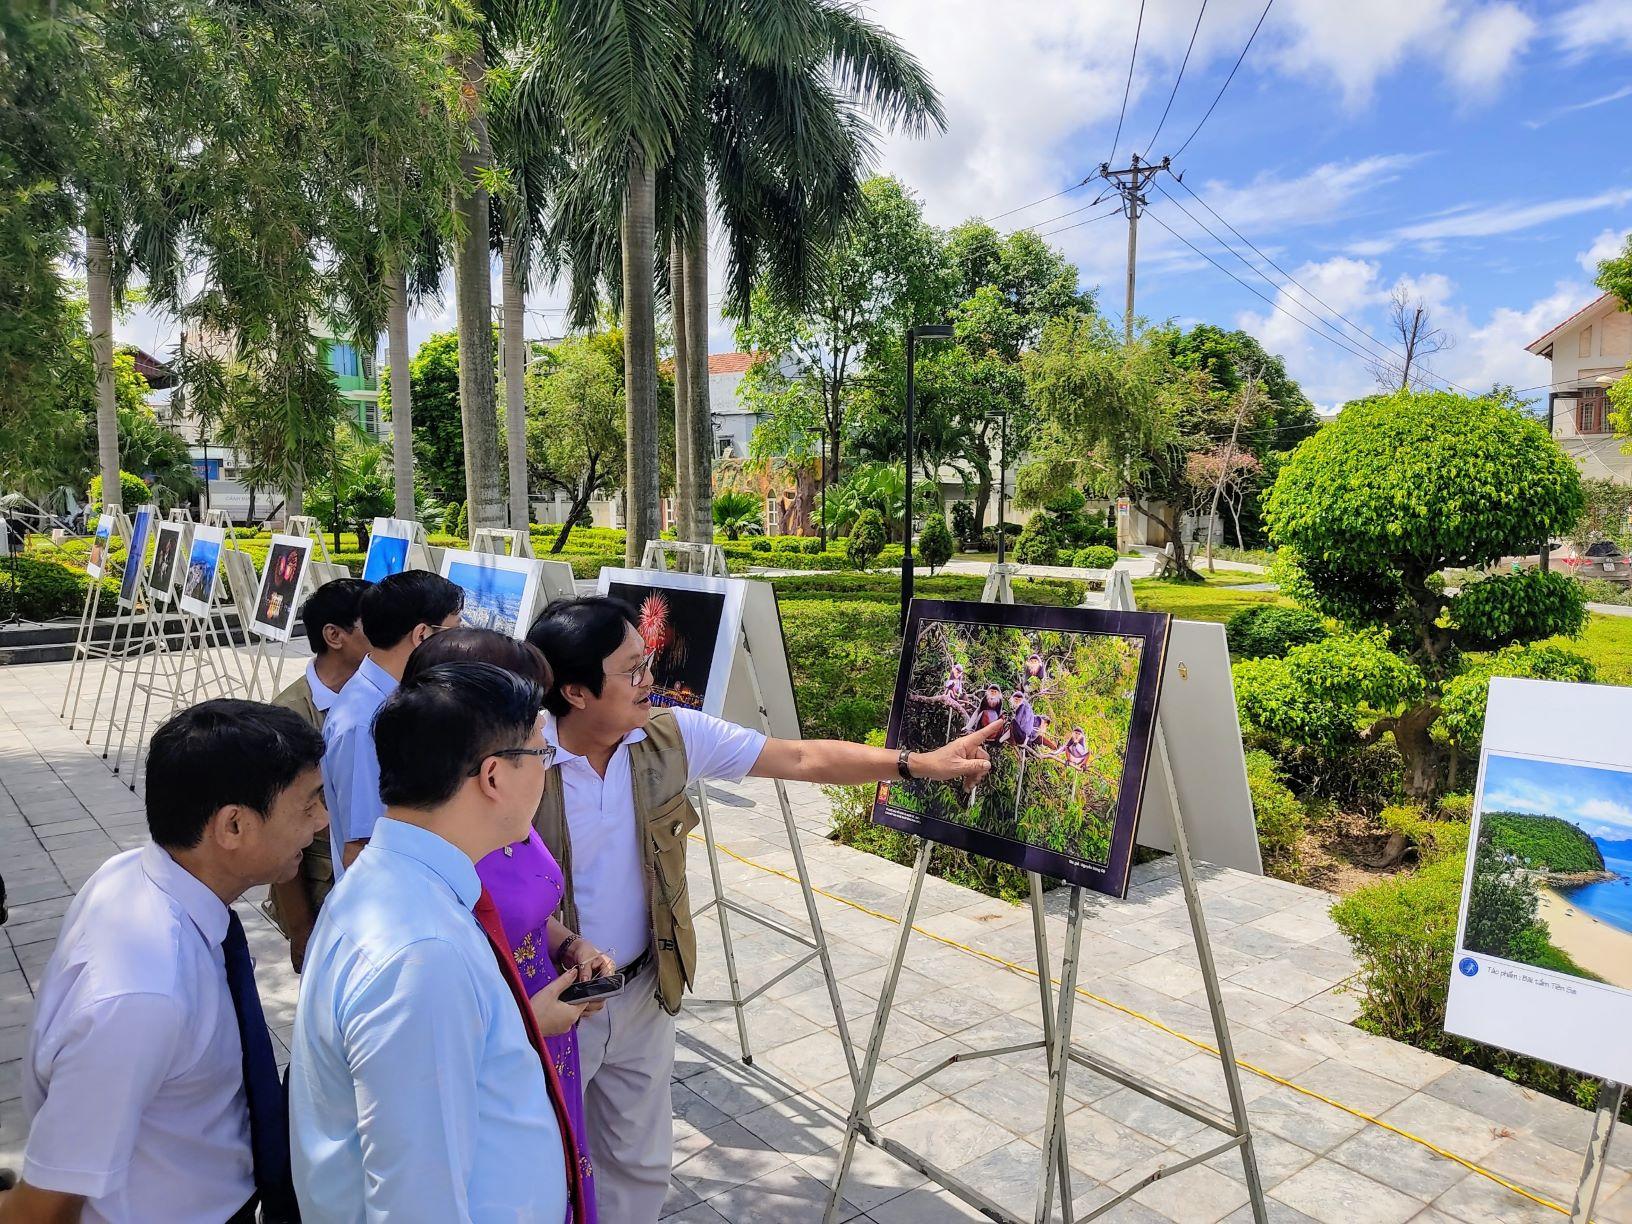 Triển lãm ảnh nghệ thuật hai thành phố biển Cẩm Phả - Đà Nẵng